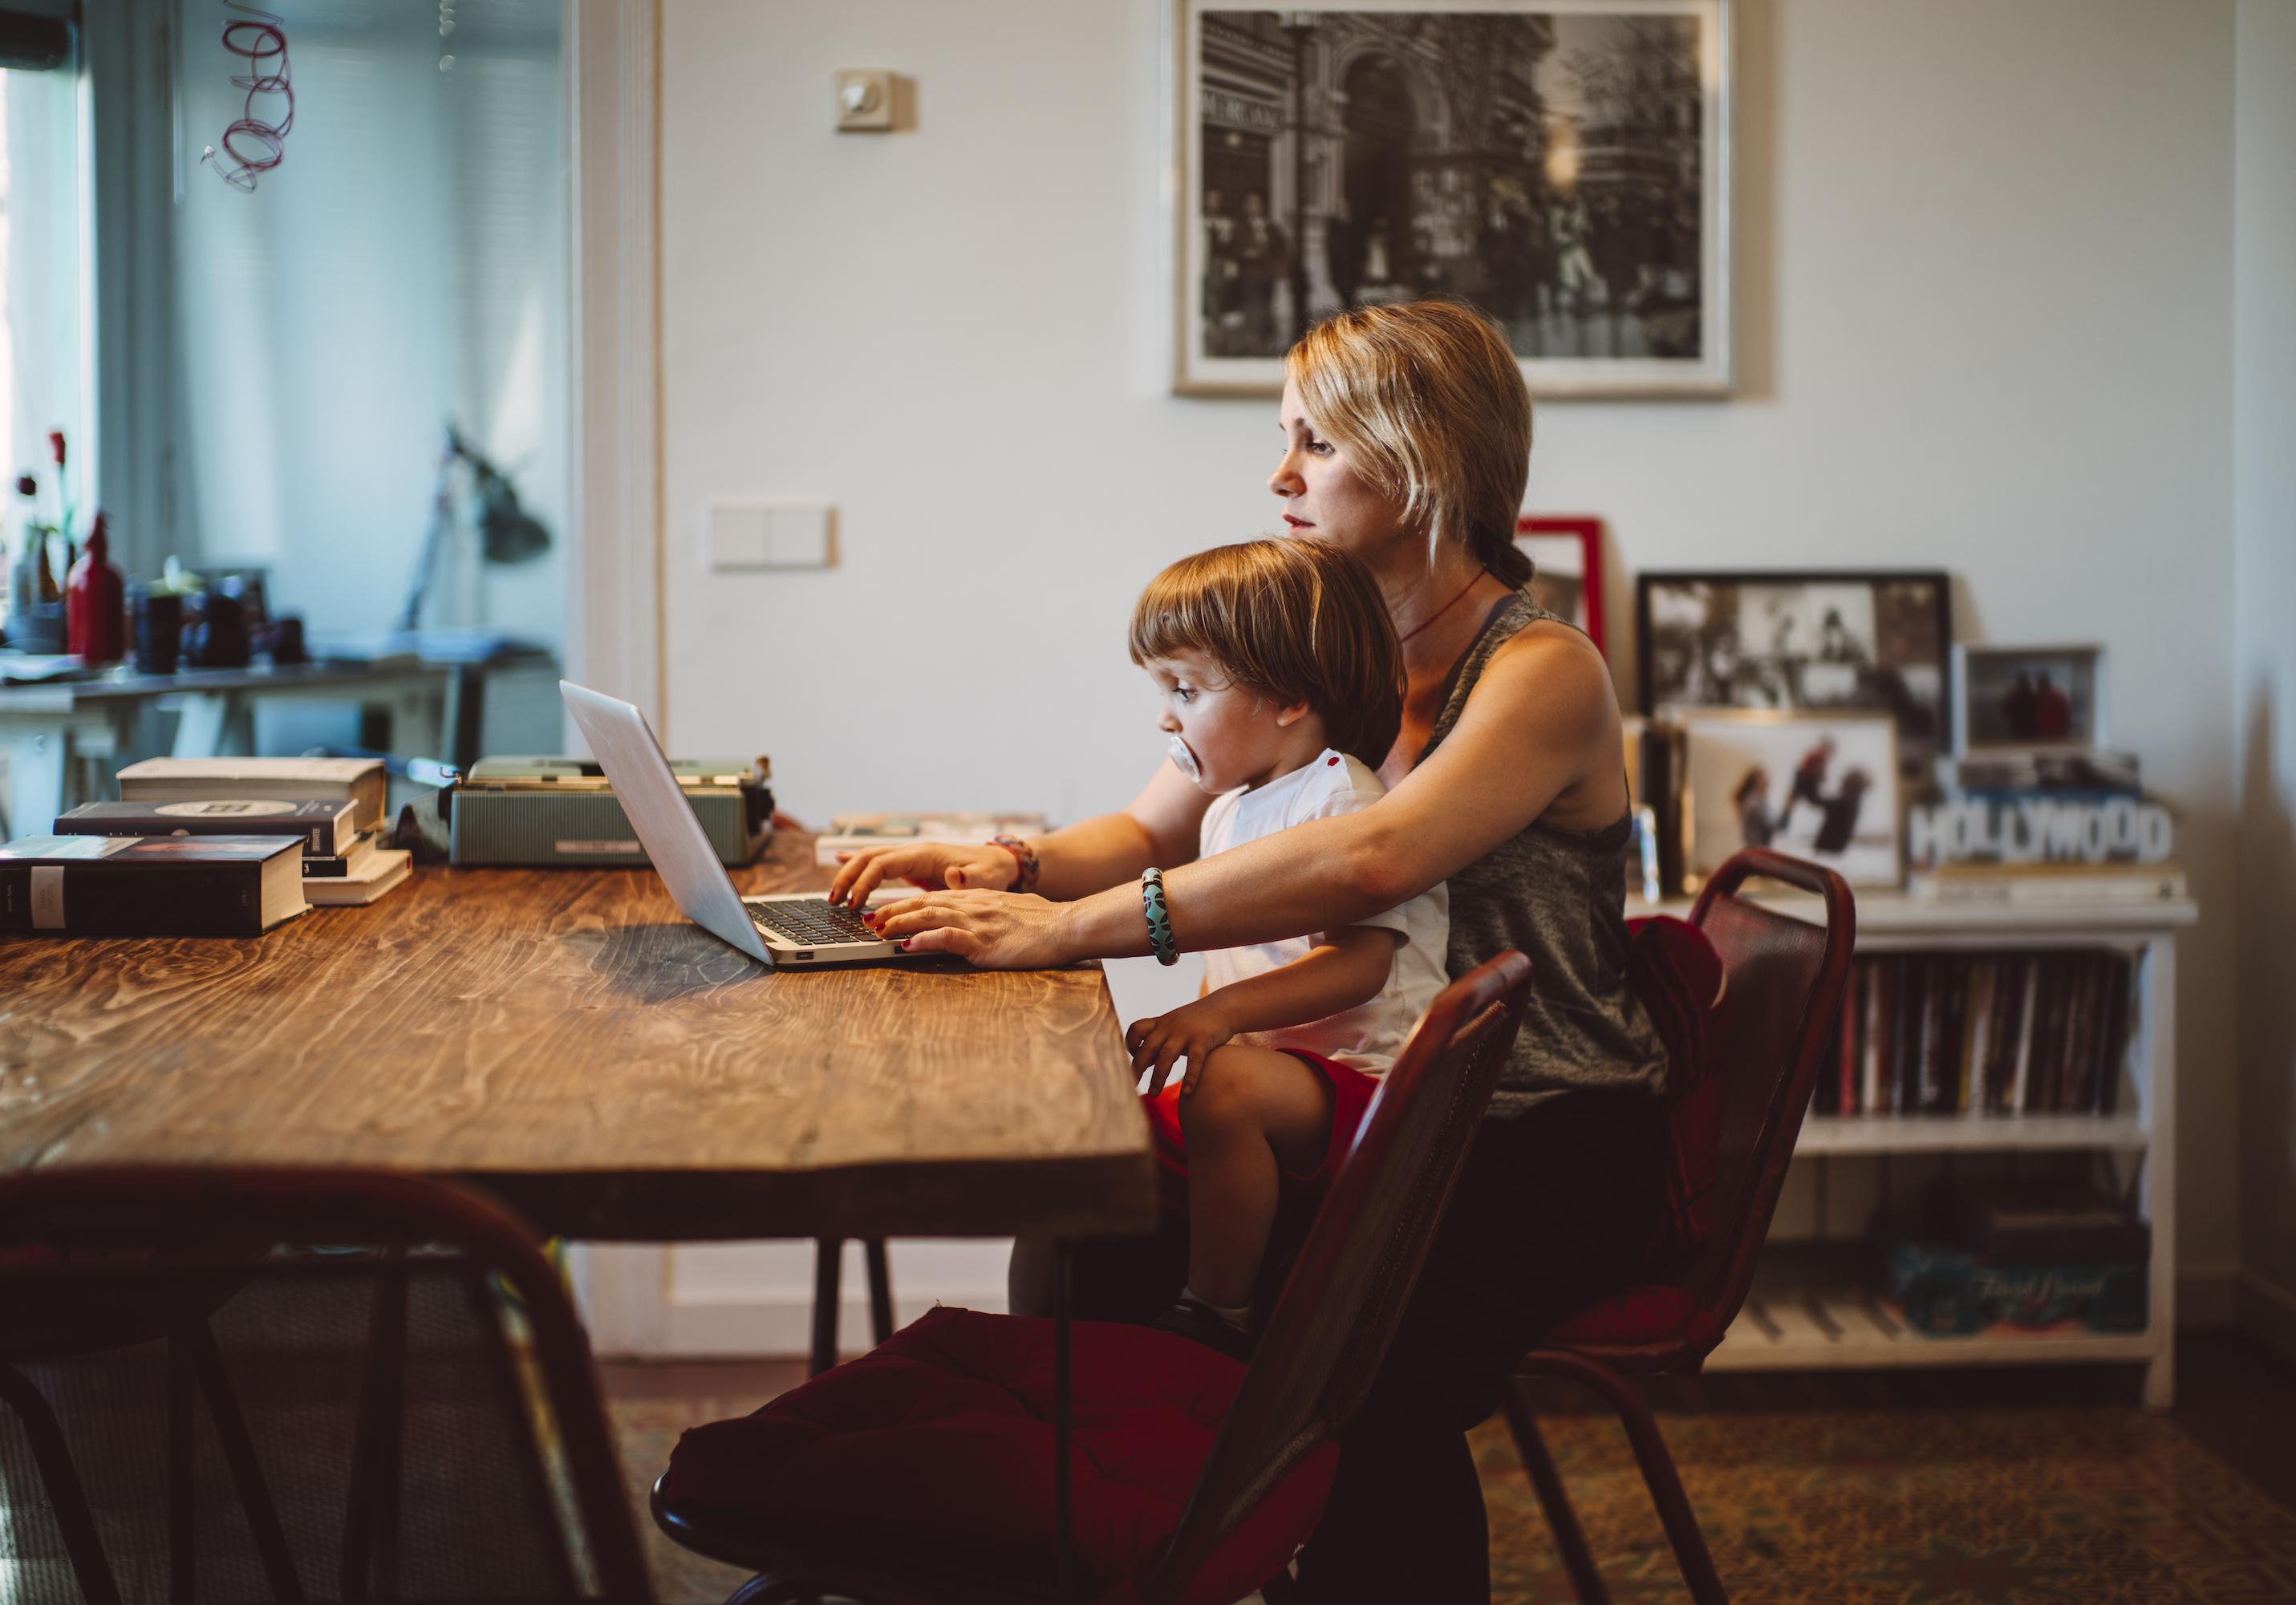 le nouveau site pour mettre en lien les parents solos elle. Black Bedroom Furniture Sets. Home Design Ideas